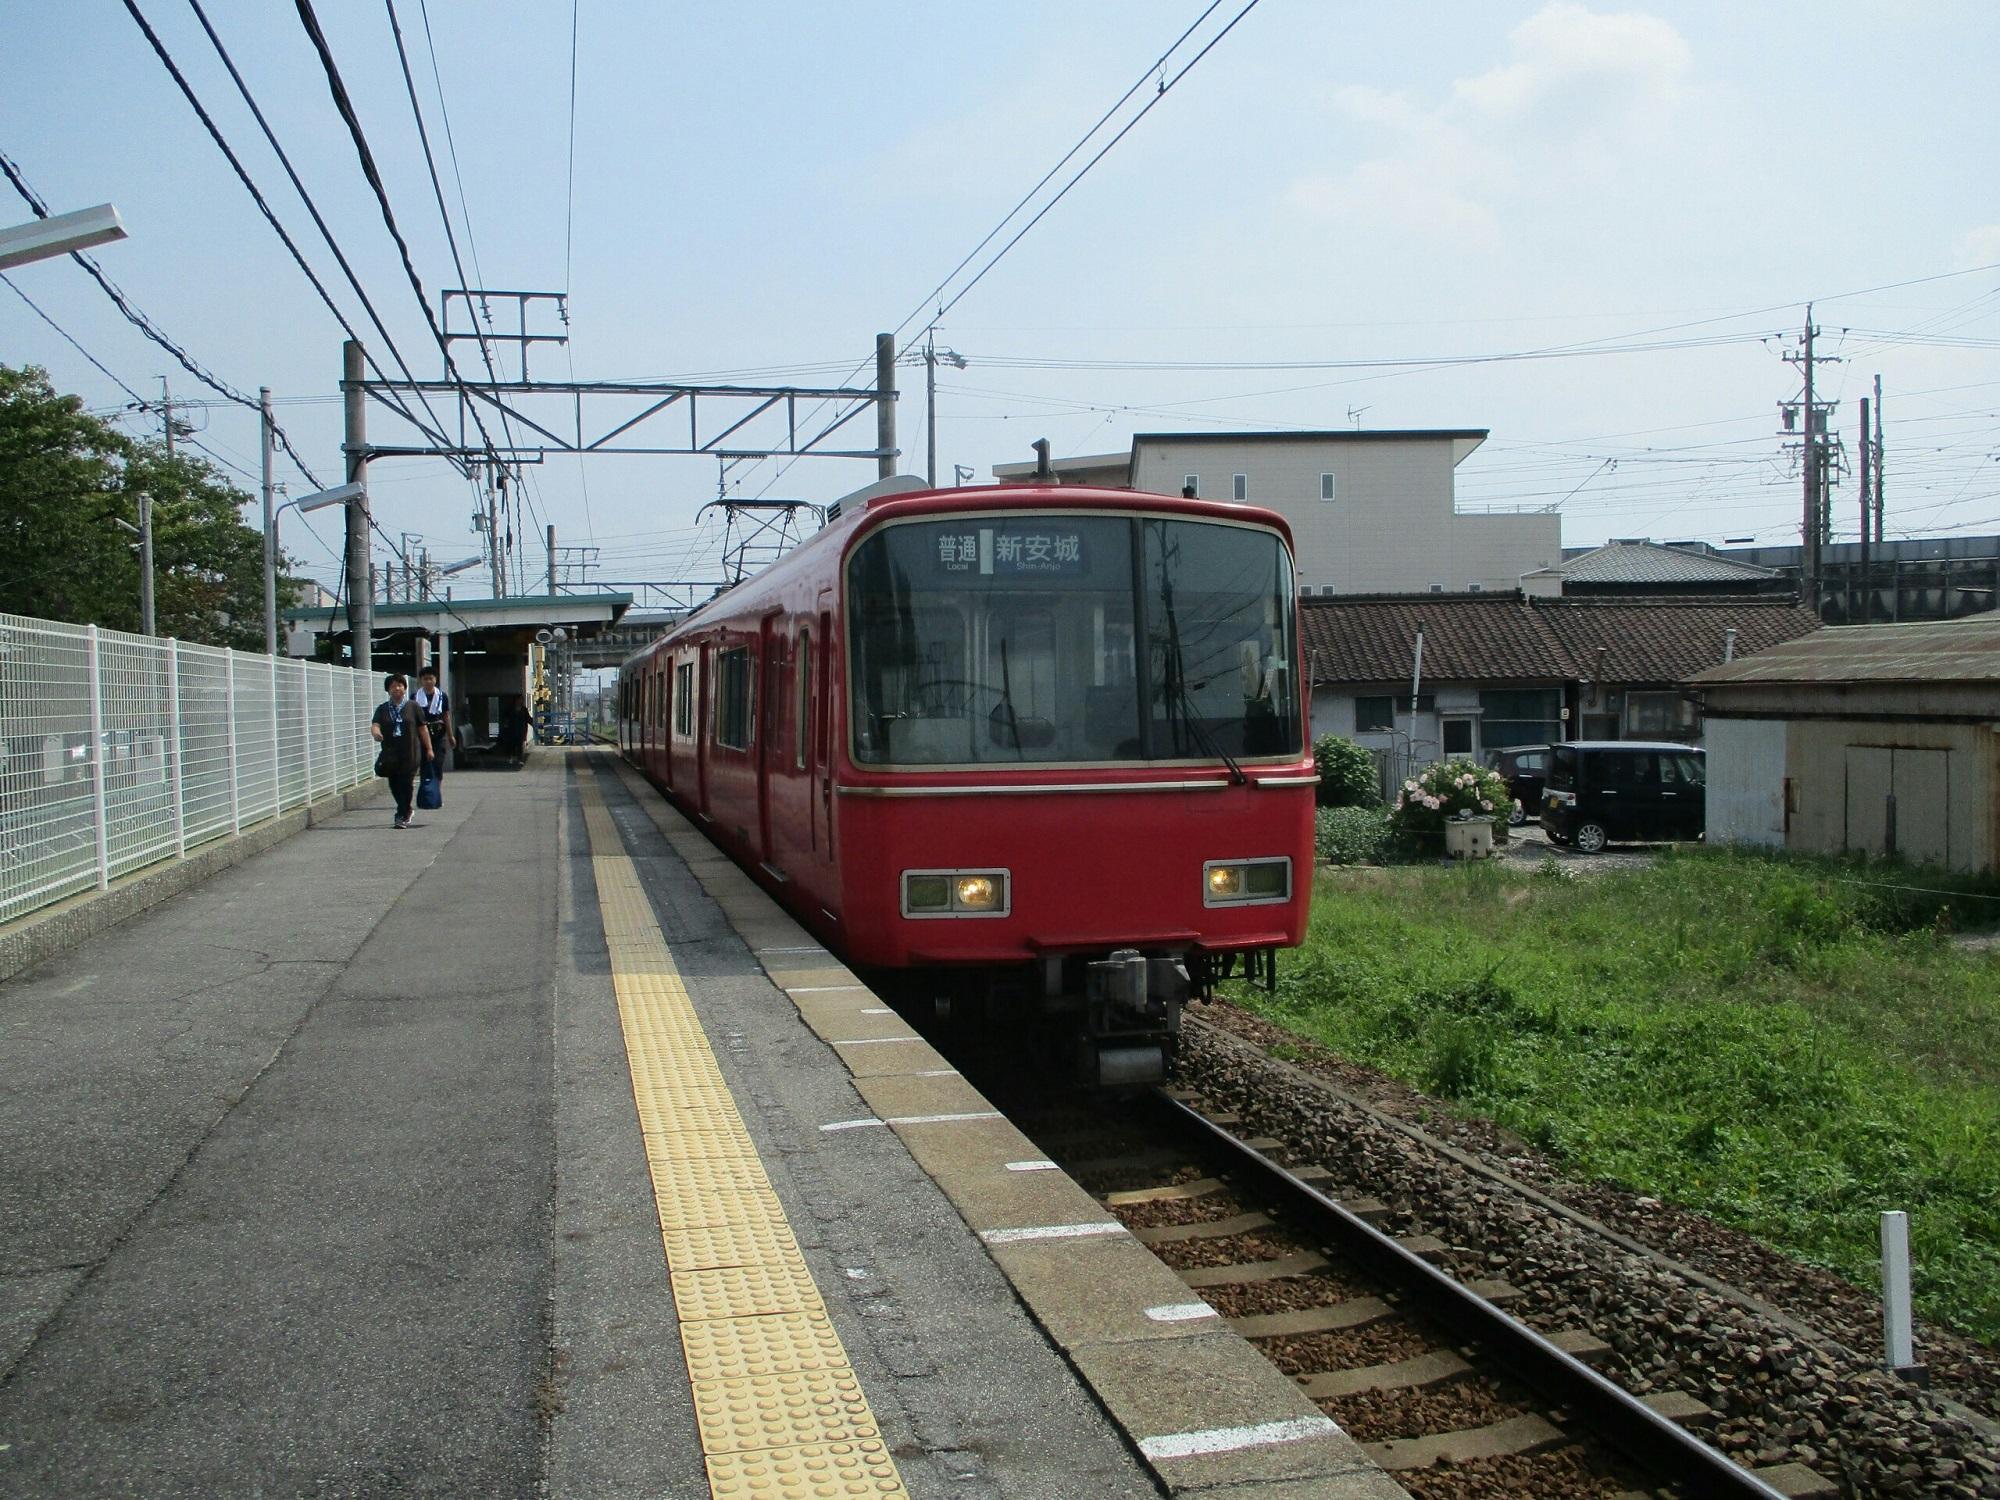 2018.7.25 (1) 古井 - しんあんじょういきふつう 2000-1500